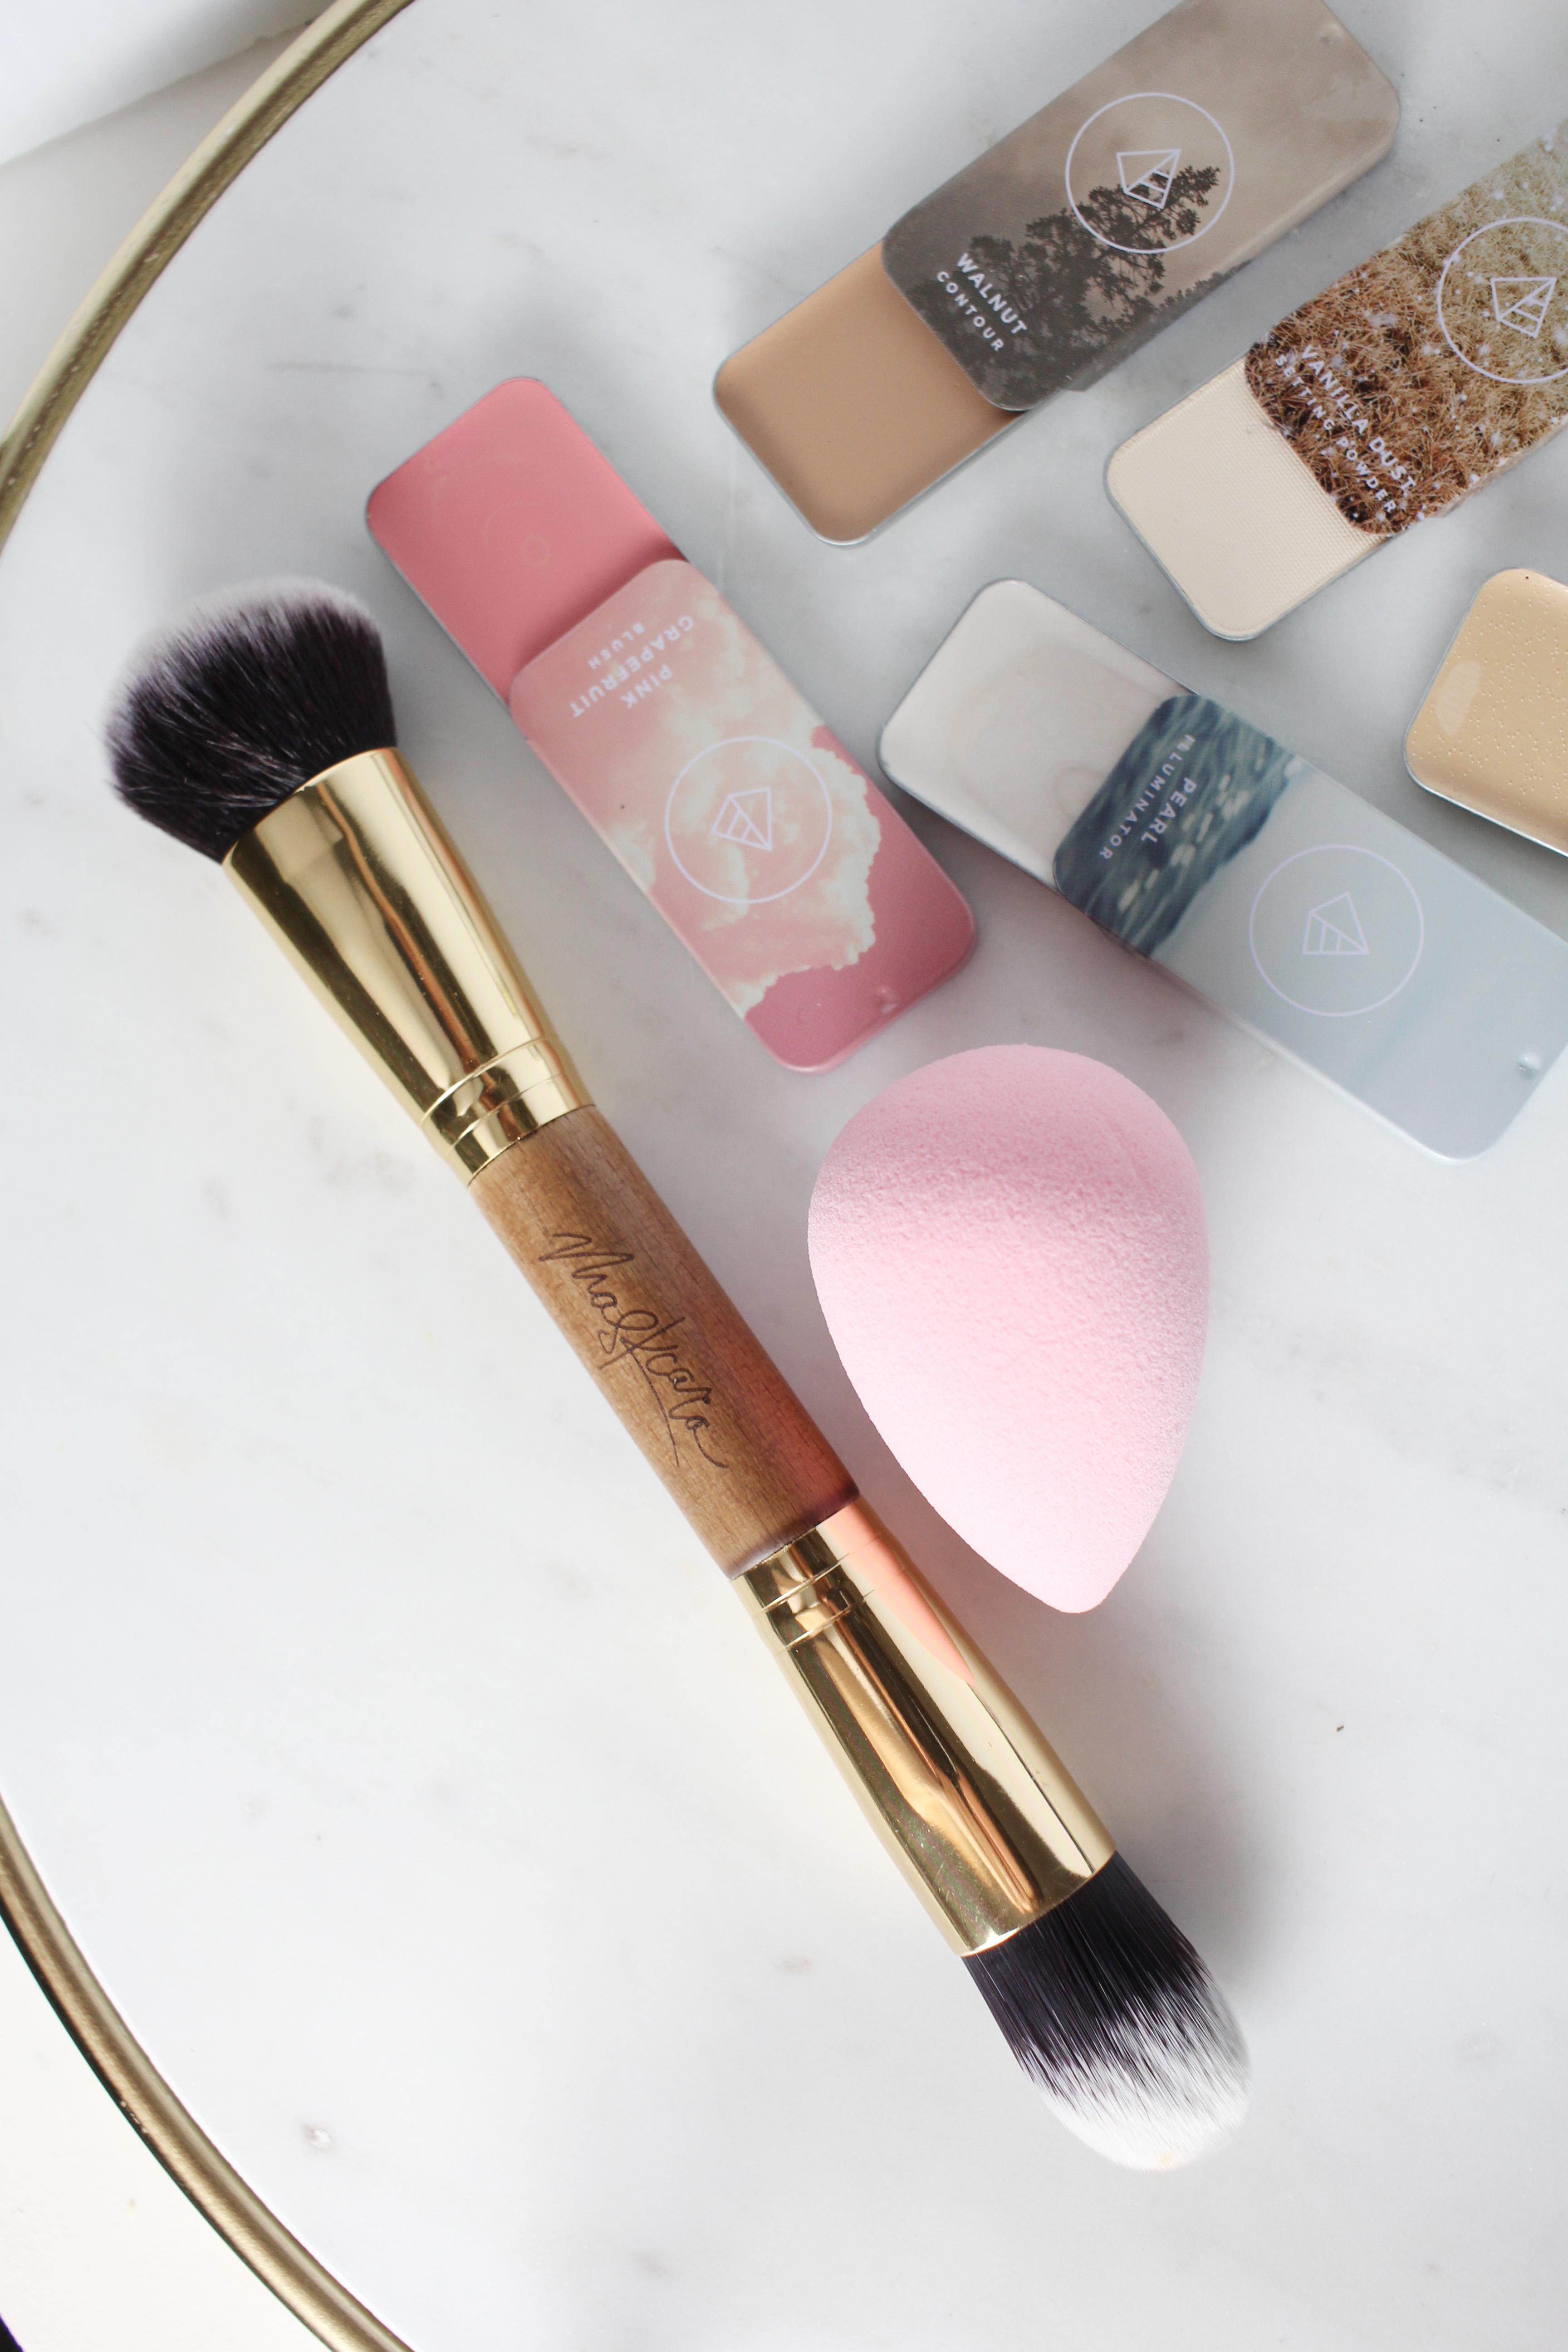 Maskcara 30 second HAC brush | Maskcara Beauty Review | Maskcara Beauty Hits and Misses